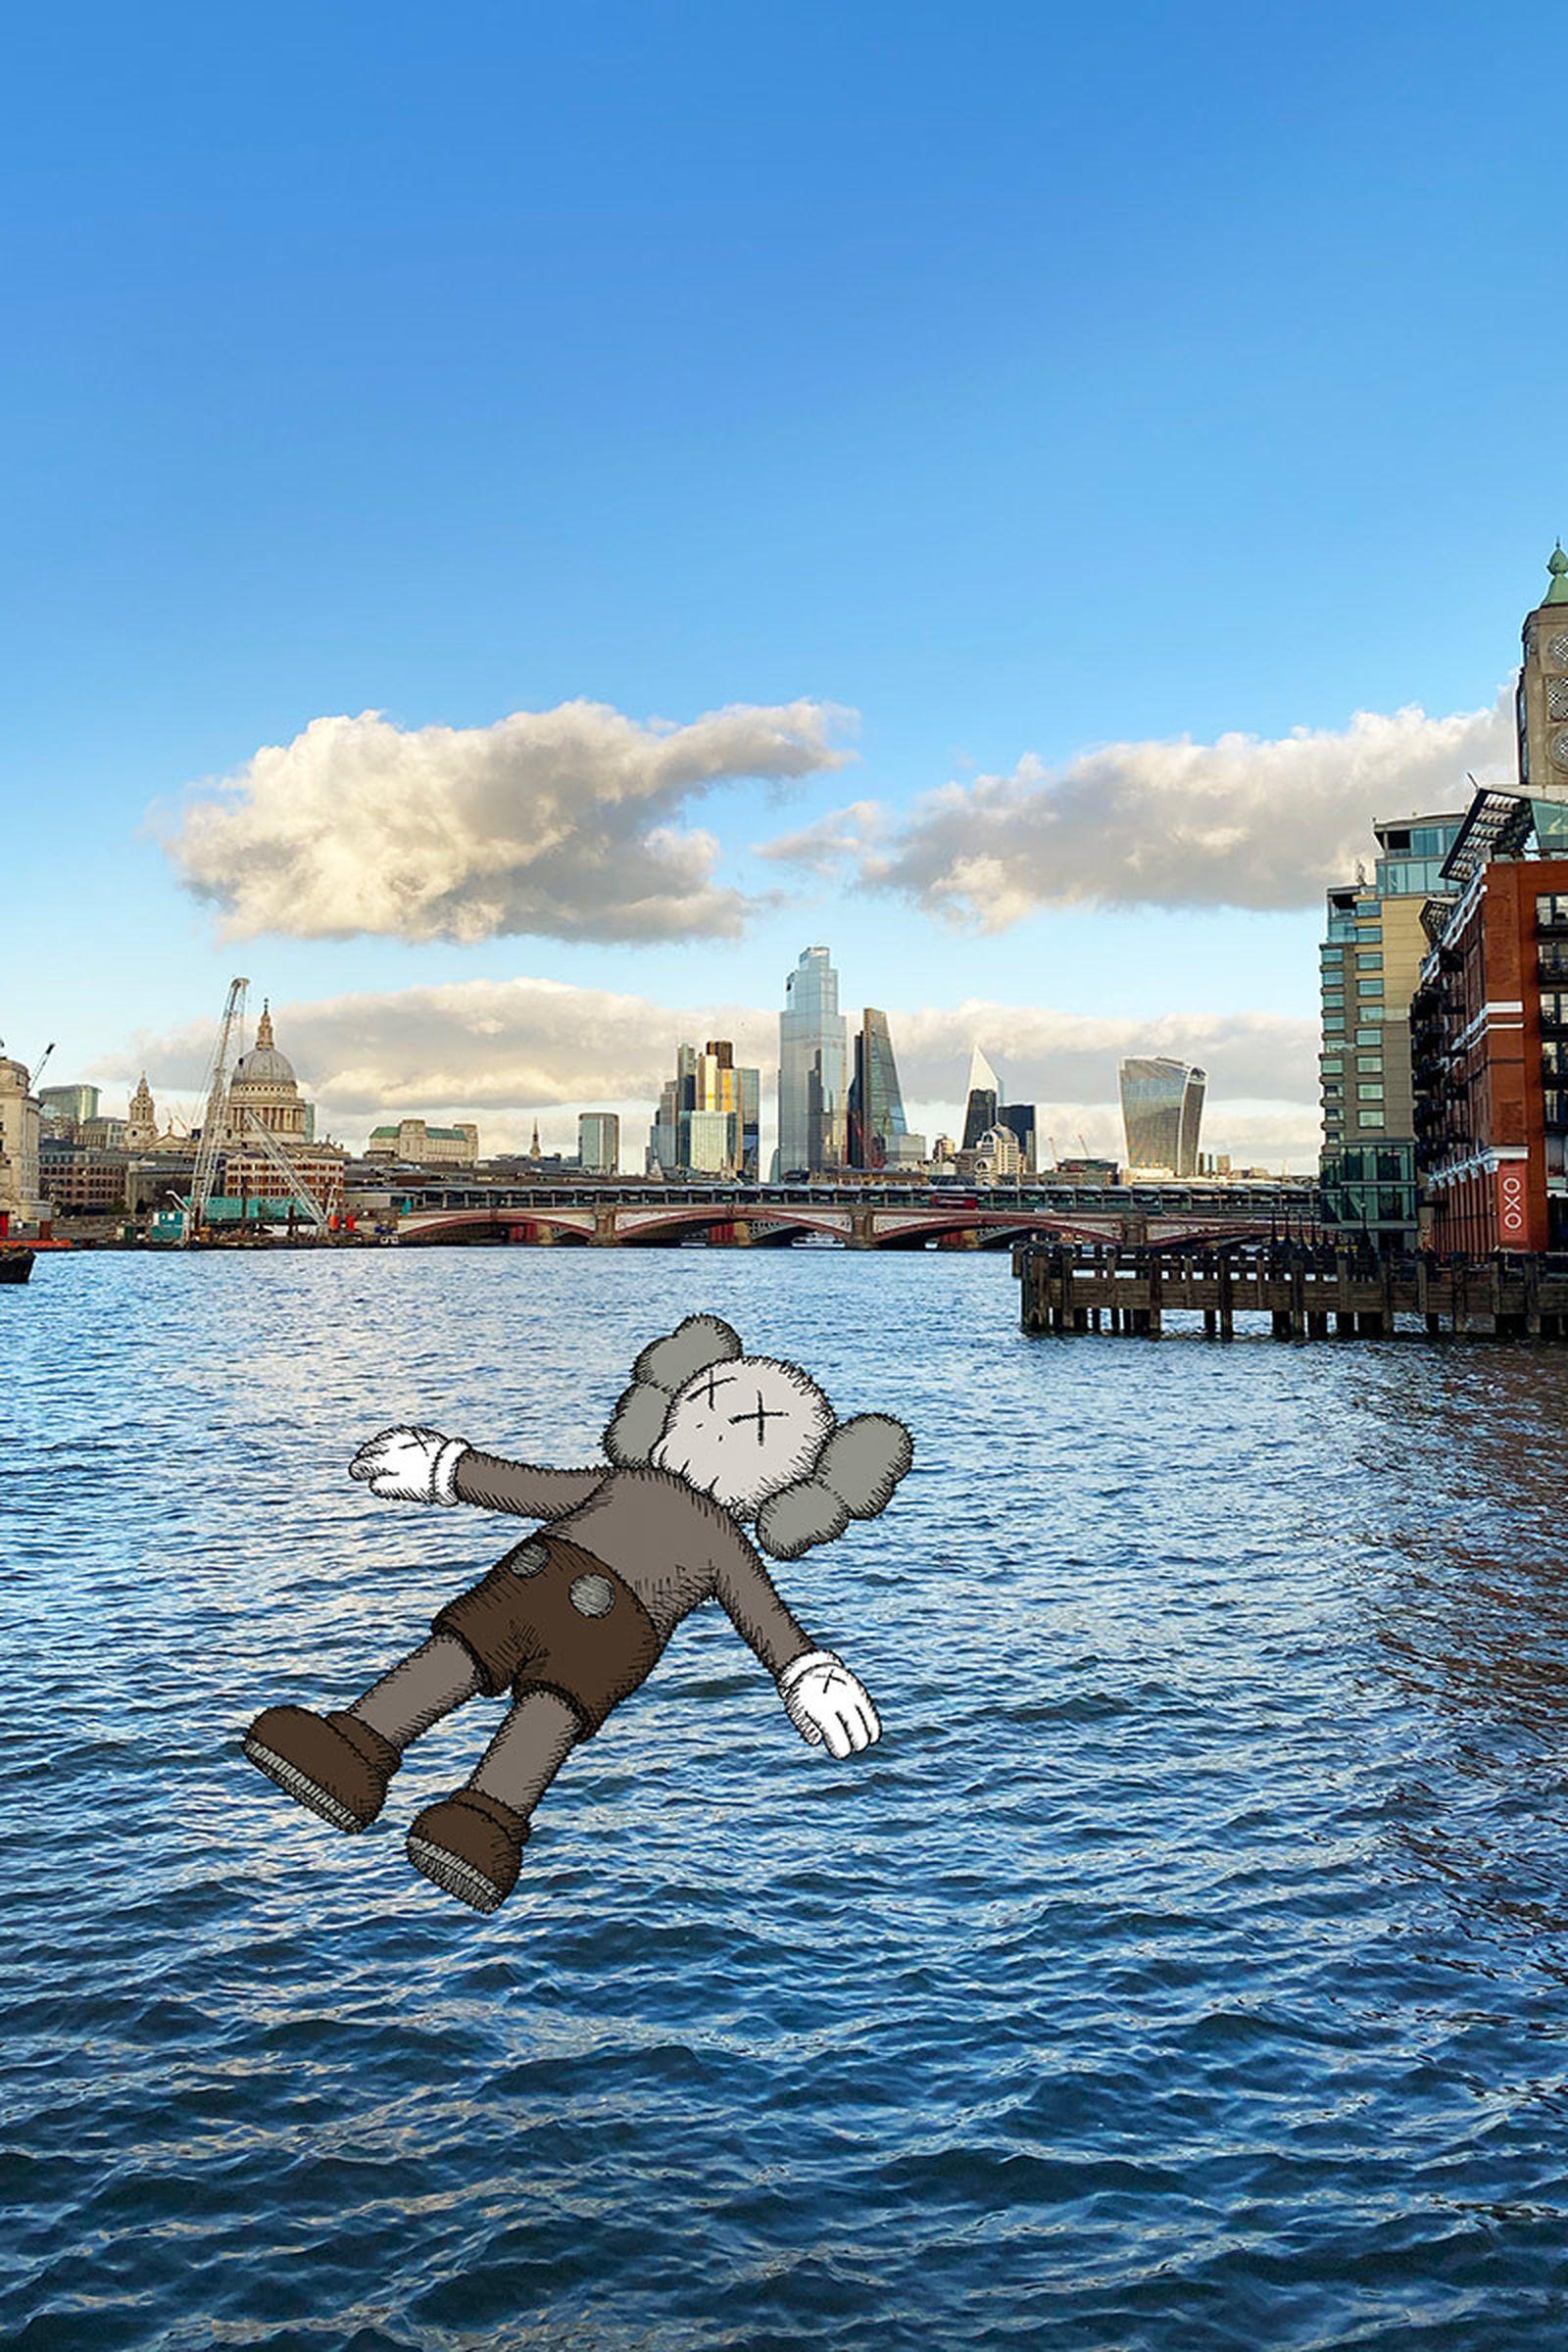 unreal-city-augmented-reality-kaws-06